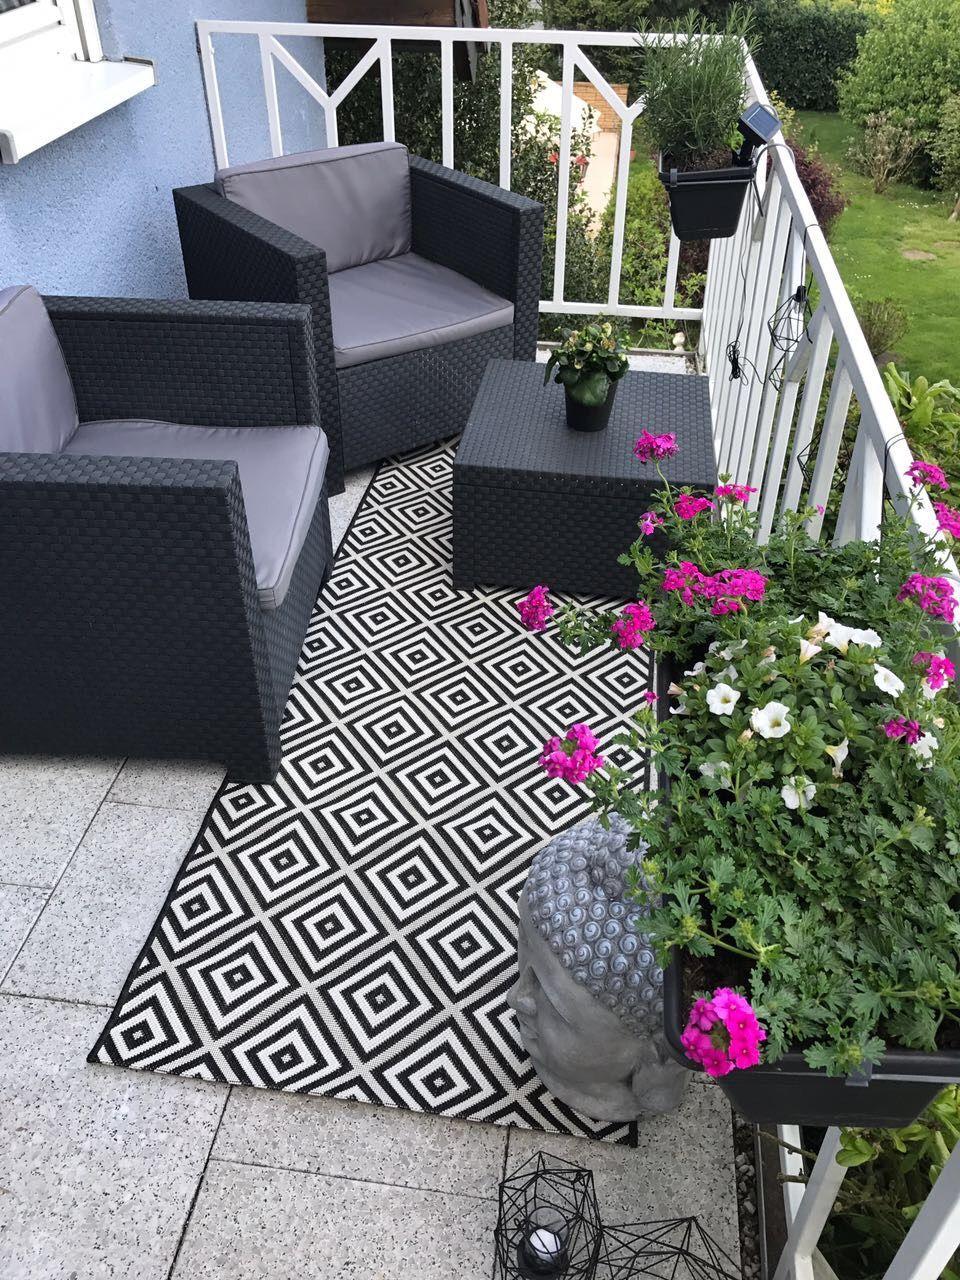 Schöne Ideen für deinen Balkon, dein Sommerwohnzimmer   Seite 8